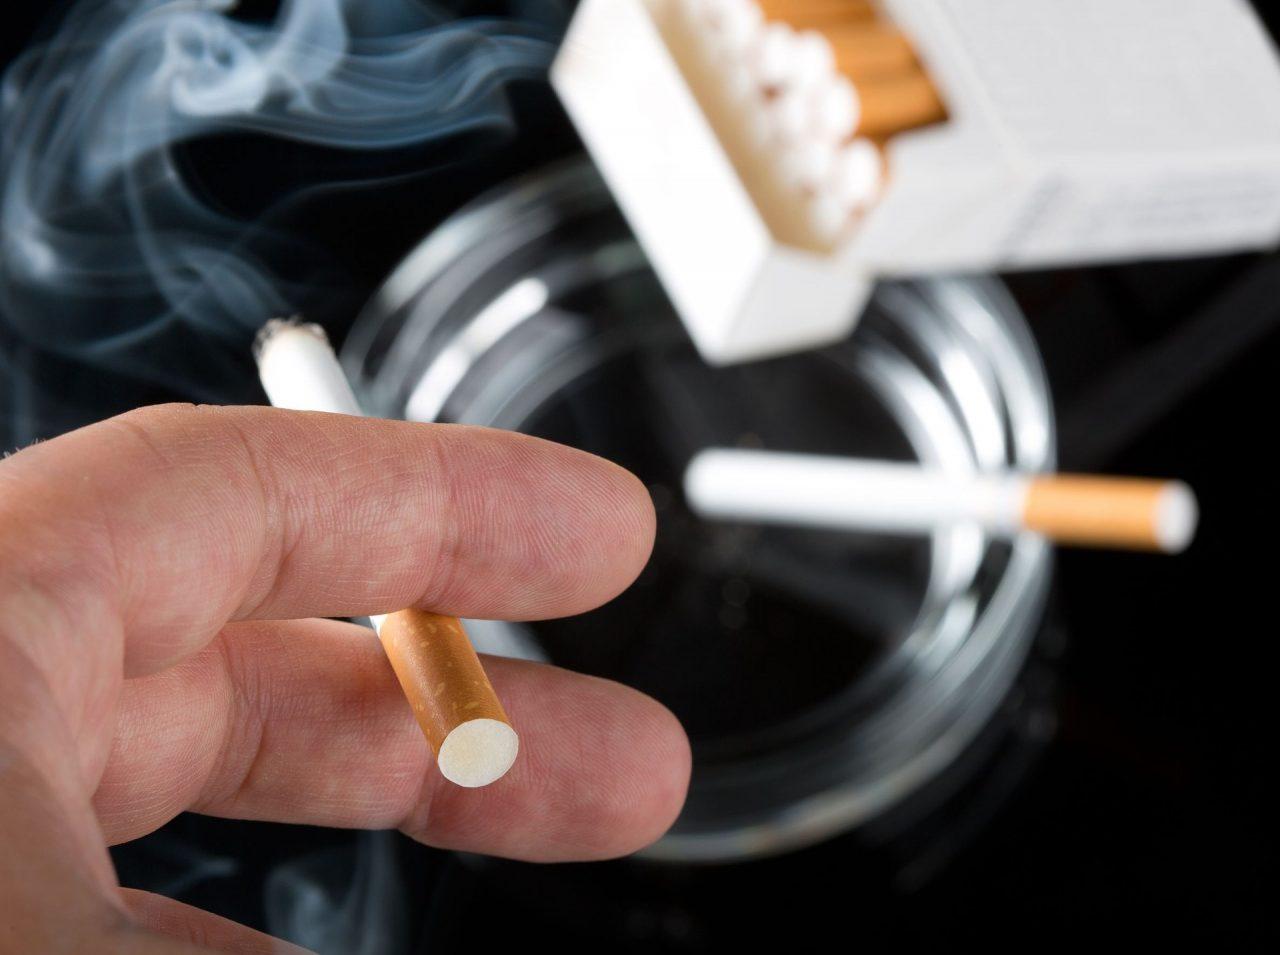 Σε υψηλά επίπεδα λαθρεμπόριο και φορολογία στον καπνό - Πώς επηρεάζει ο αντικαπνιστικός νόμος